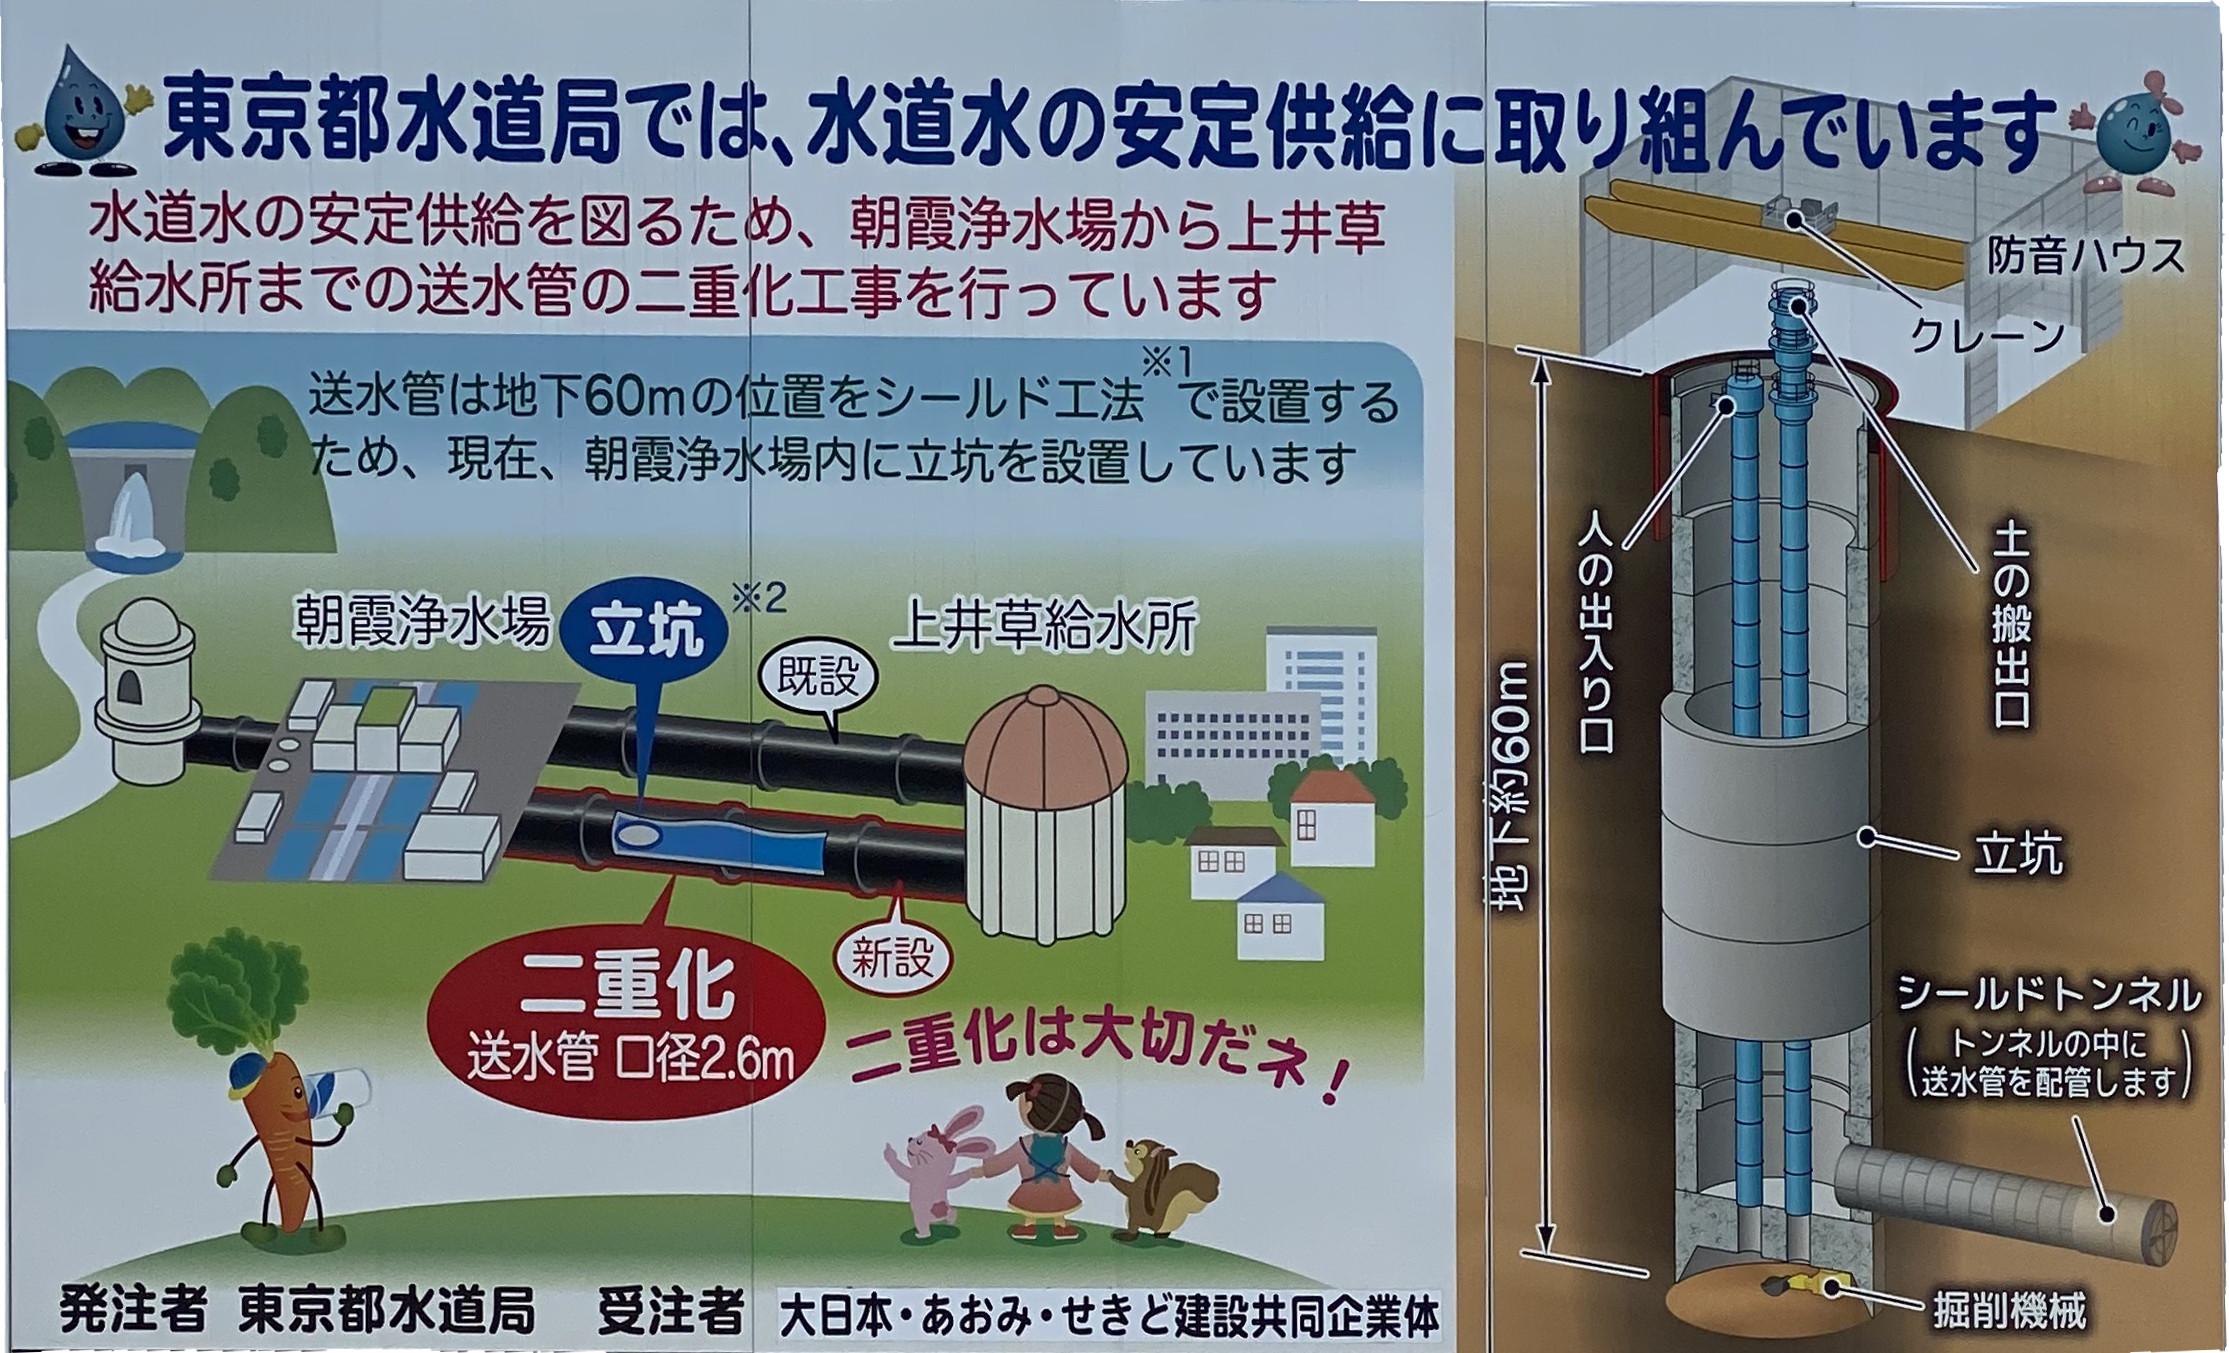 東京都水道局では、水道水の安定供給に 取り組んでいます。